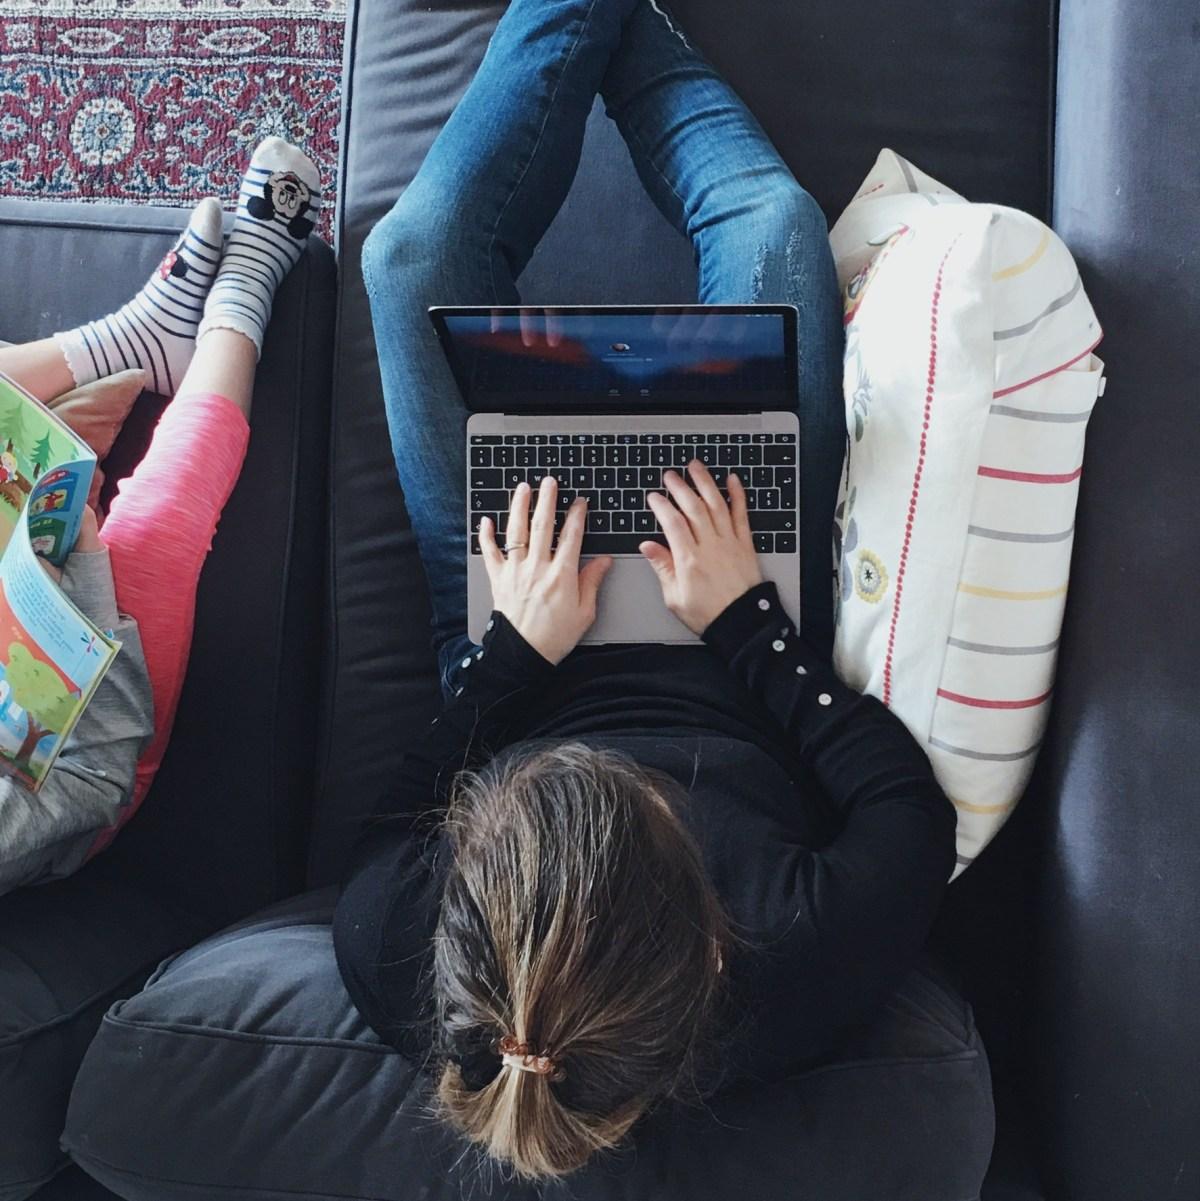 enfants internet reseaux sociaux avis blog